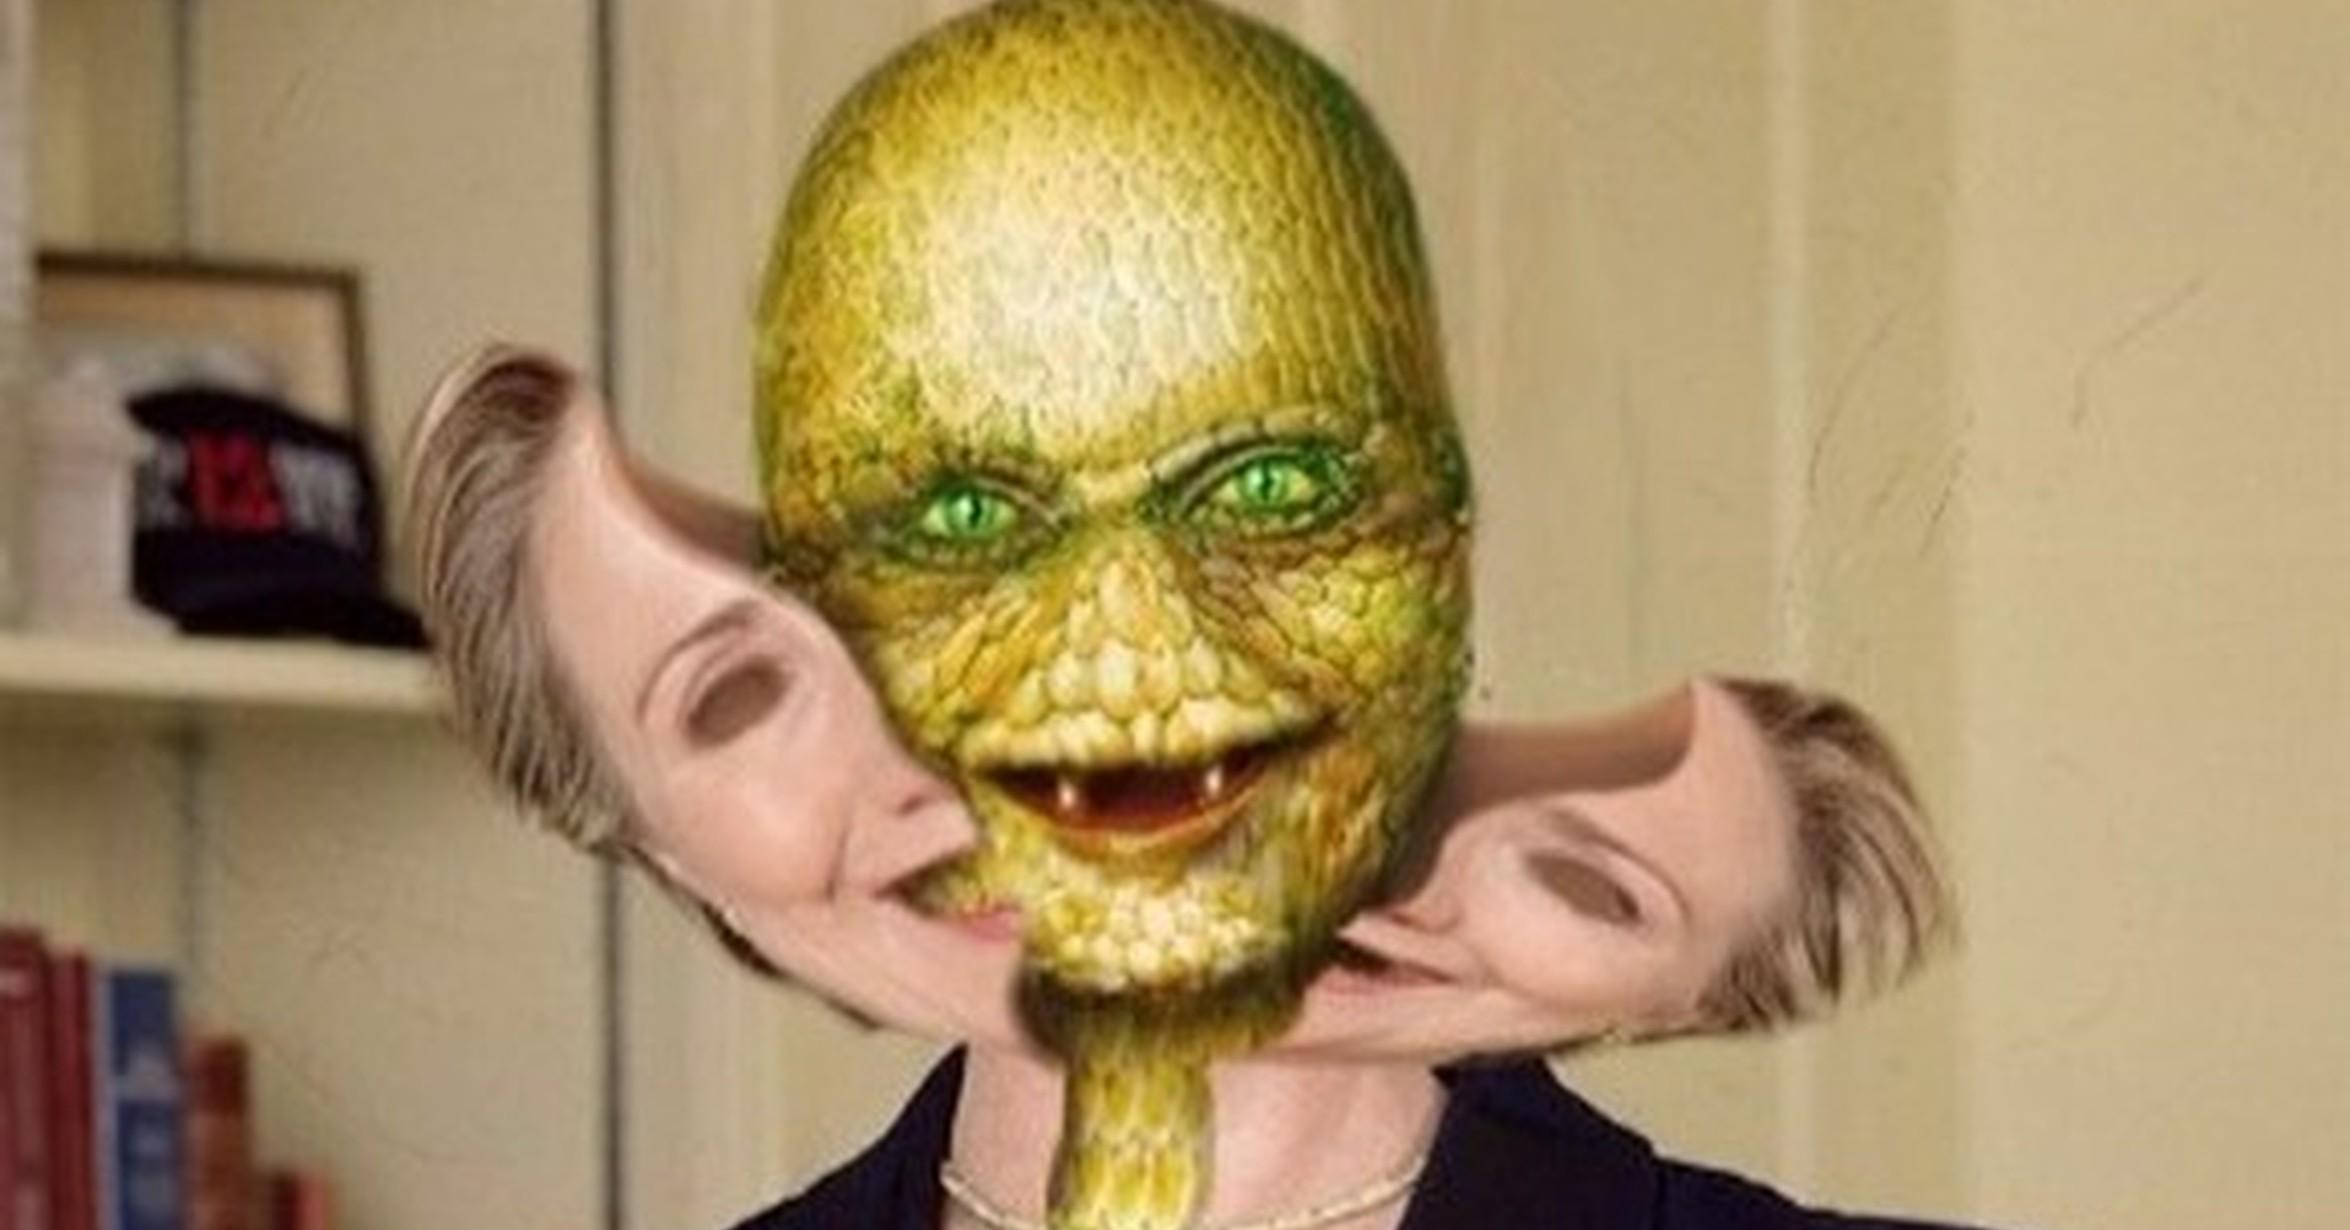 ¿Cree usted que algunos de nuestros políticos son alienígenas disfrazados?